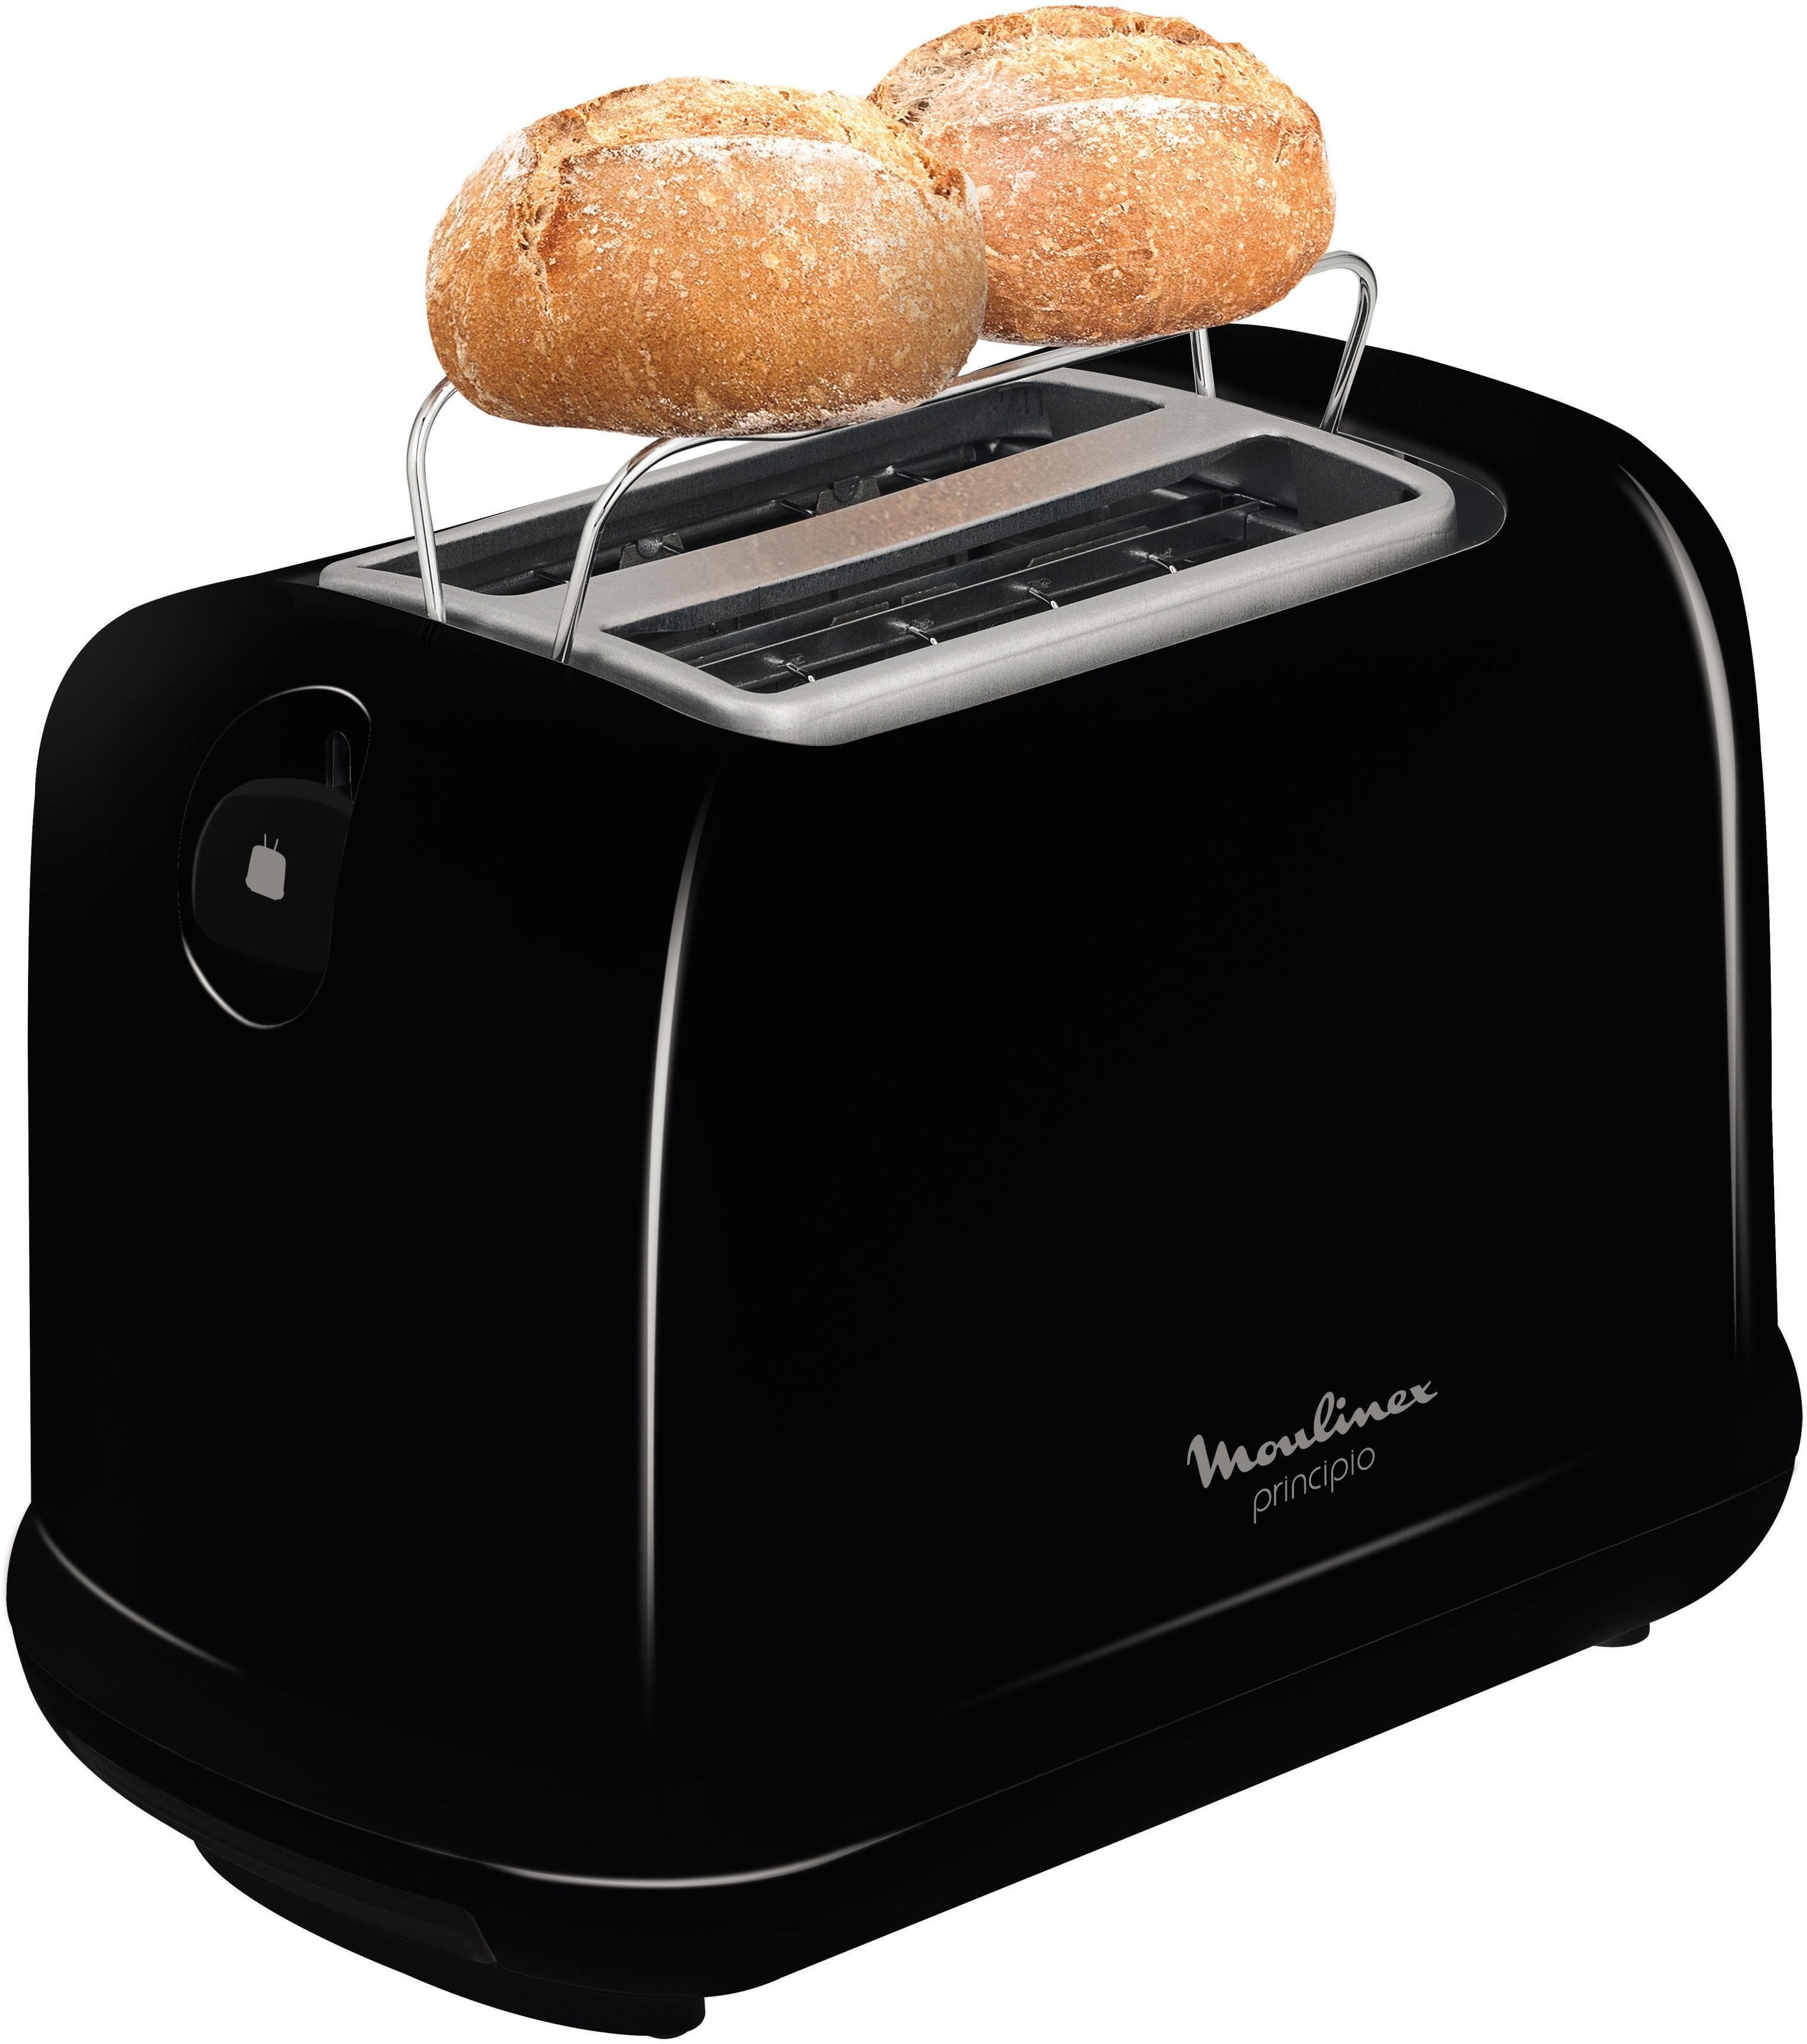 Moulinex Toaster Principio LT1618, für 2 Scheiben, 850 Watt, schwarz